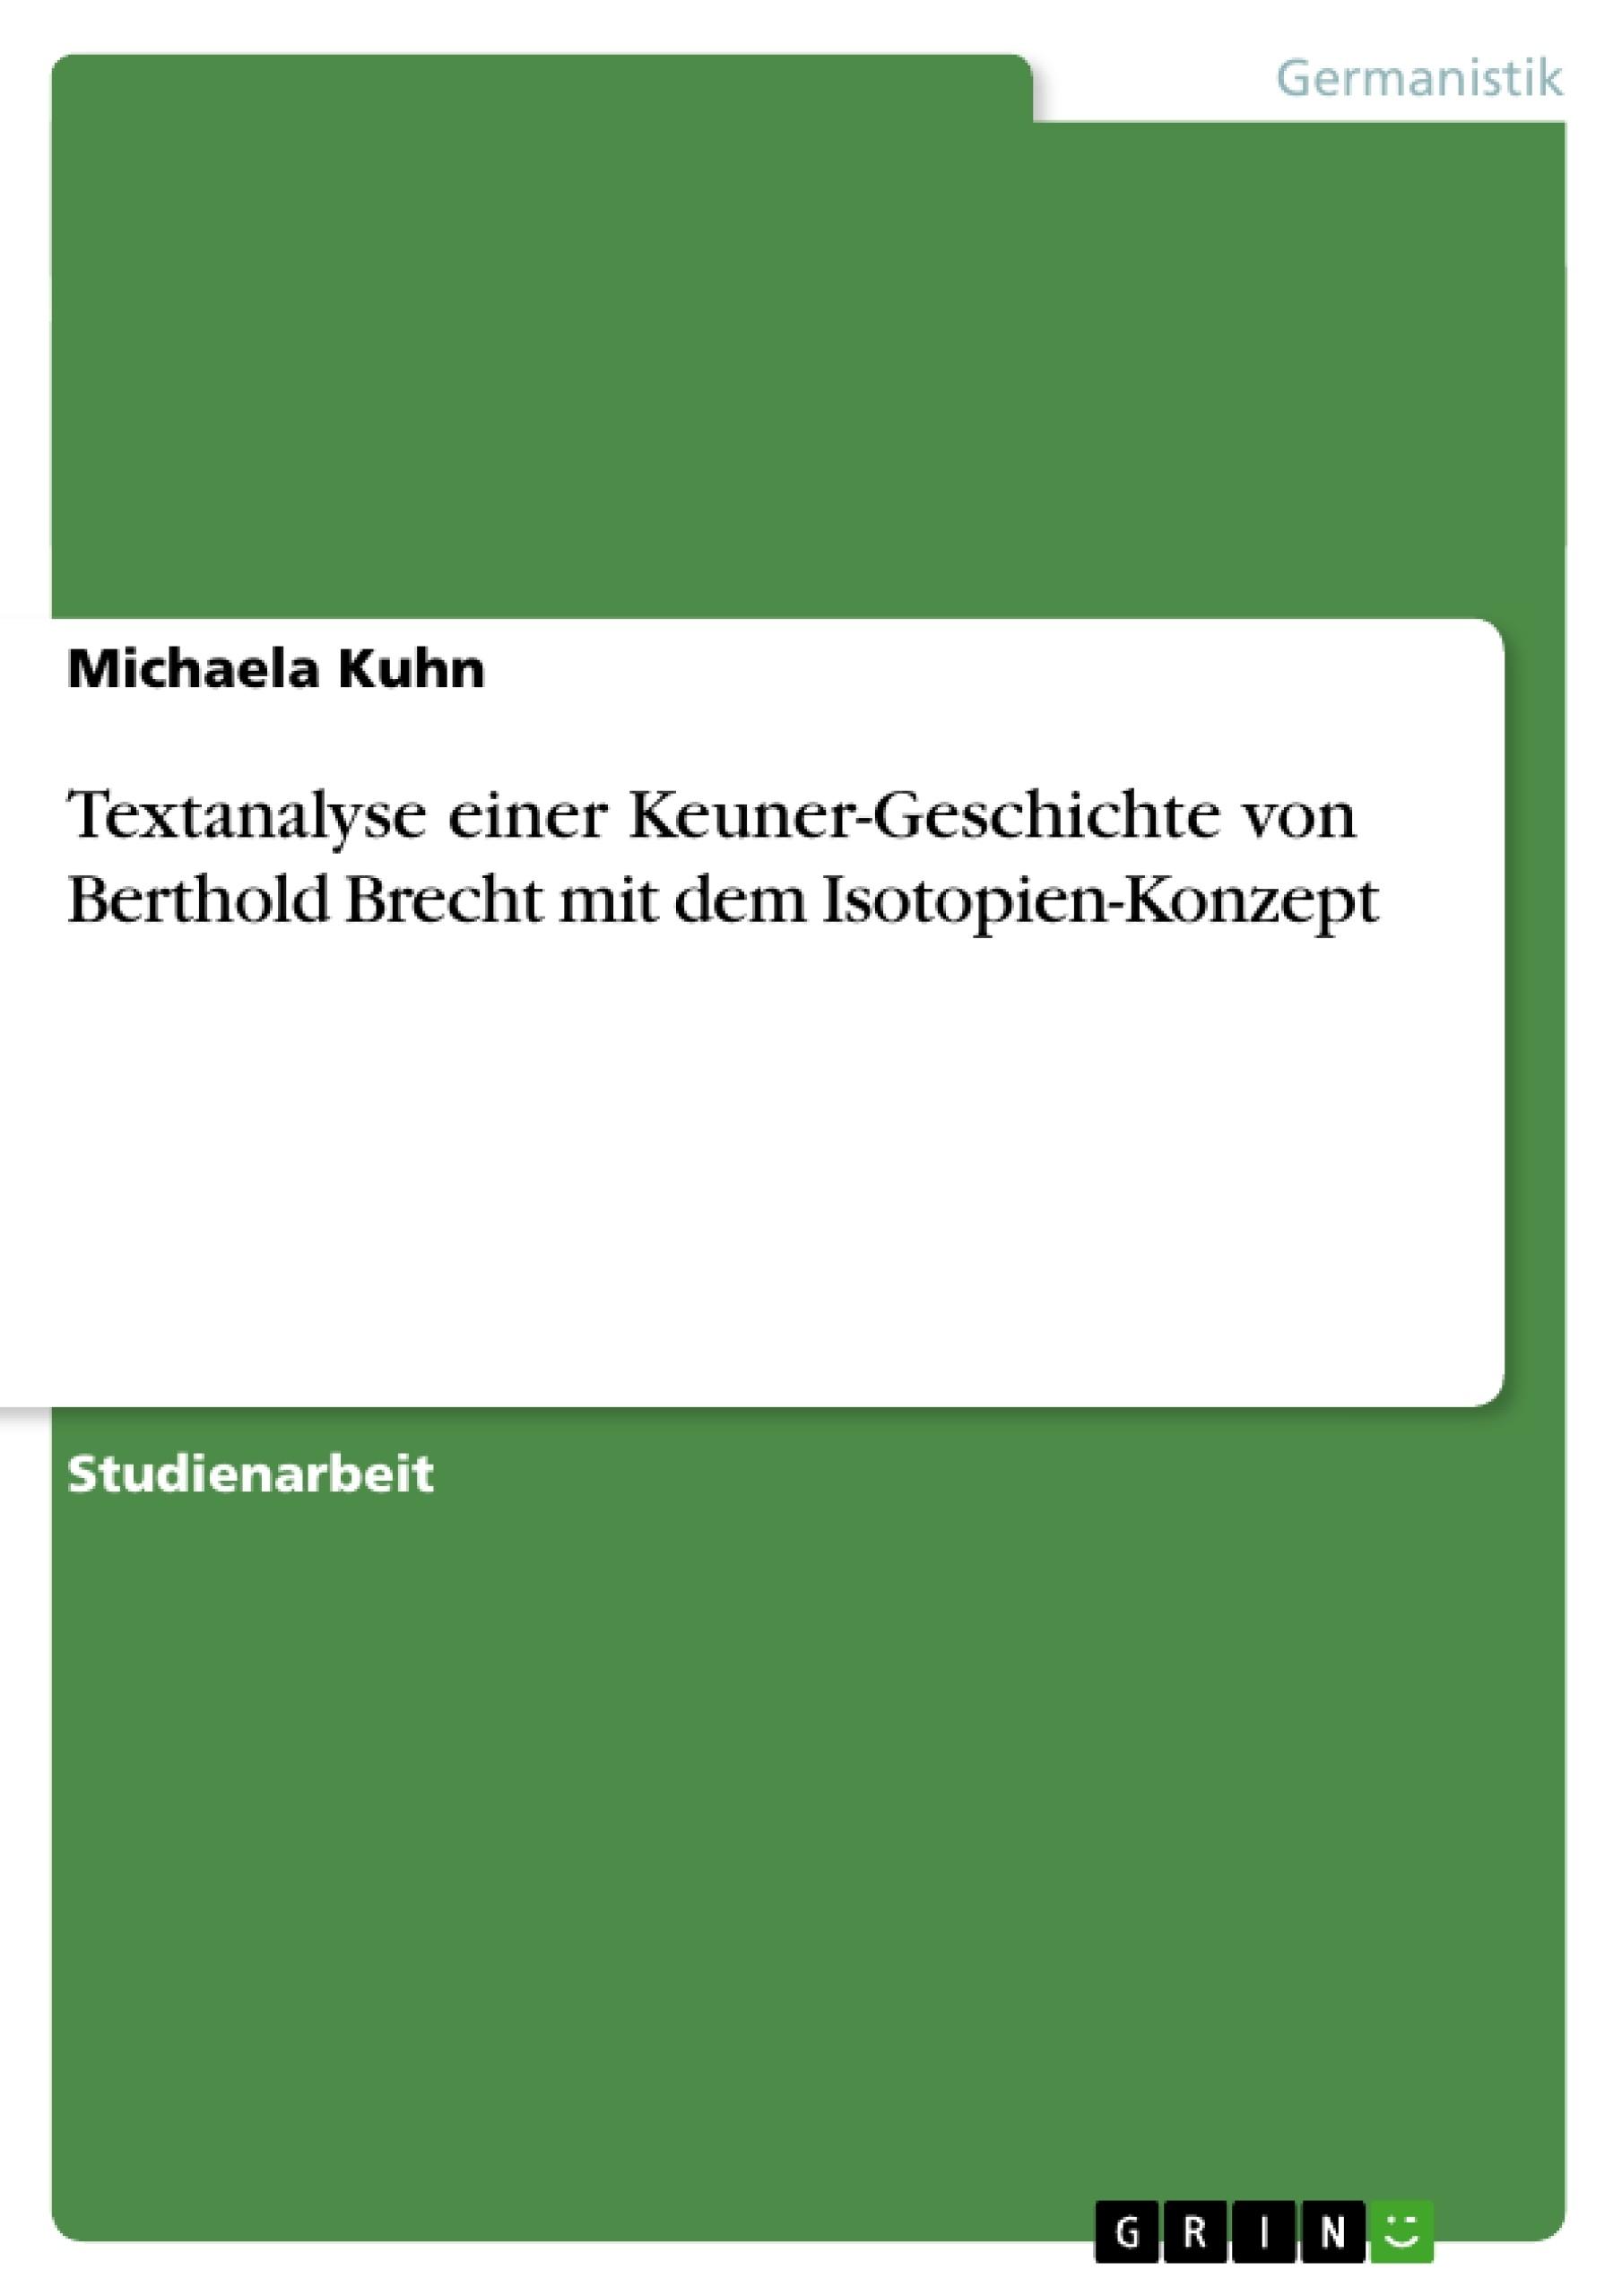 Titel: Textanalyse einer Keuner-Geschichte von Berthold Brecht mit dem Isotopien-Konzept